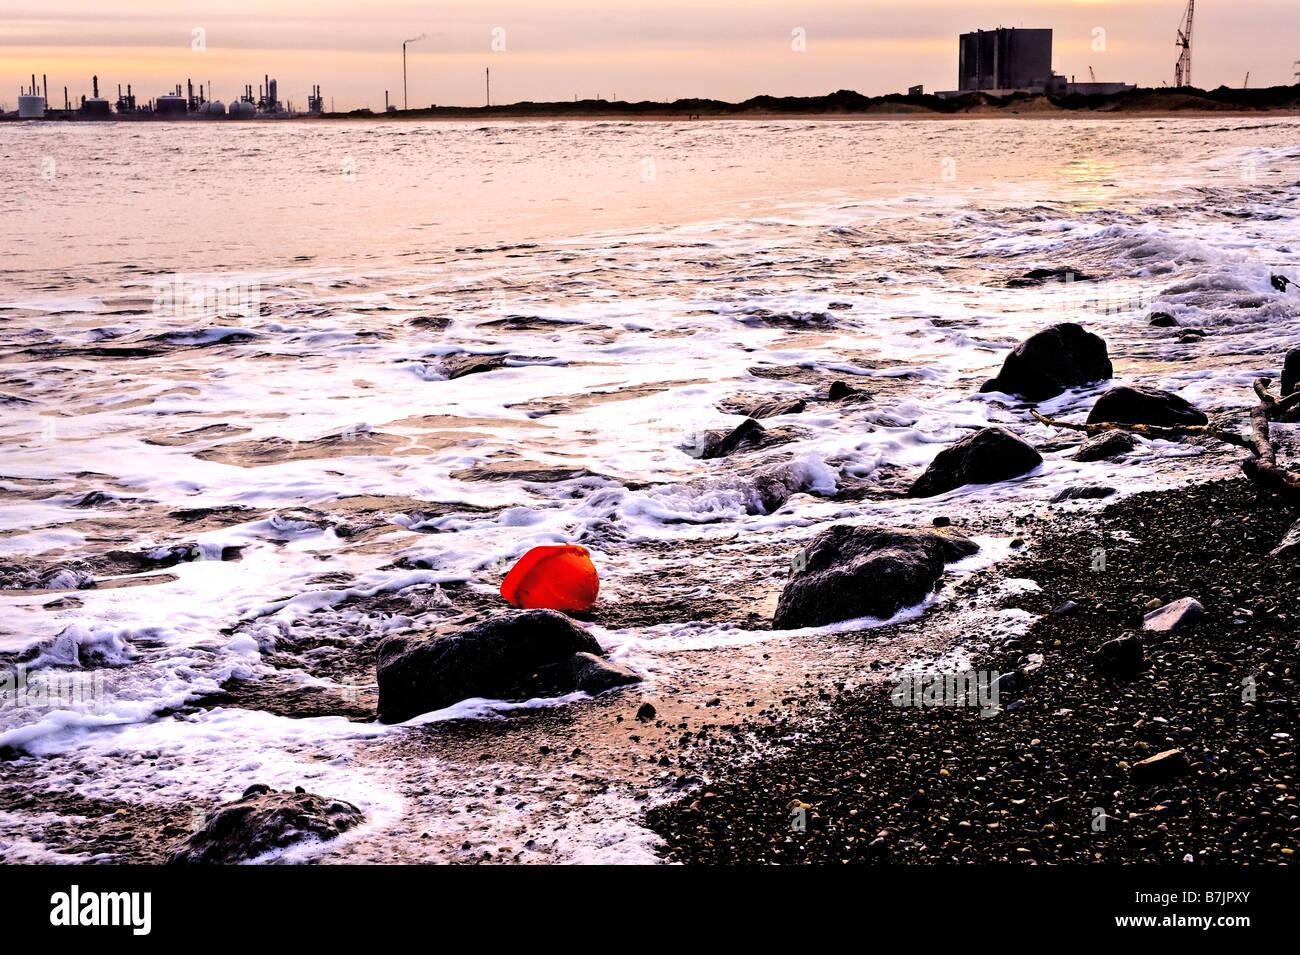 Construction Worker's hard hat lavé à terre avec l'industrie et Teeside centrale nucléaire Photo Stock